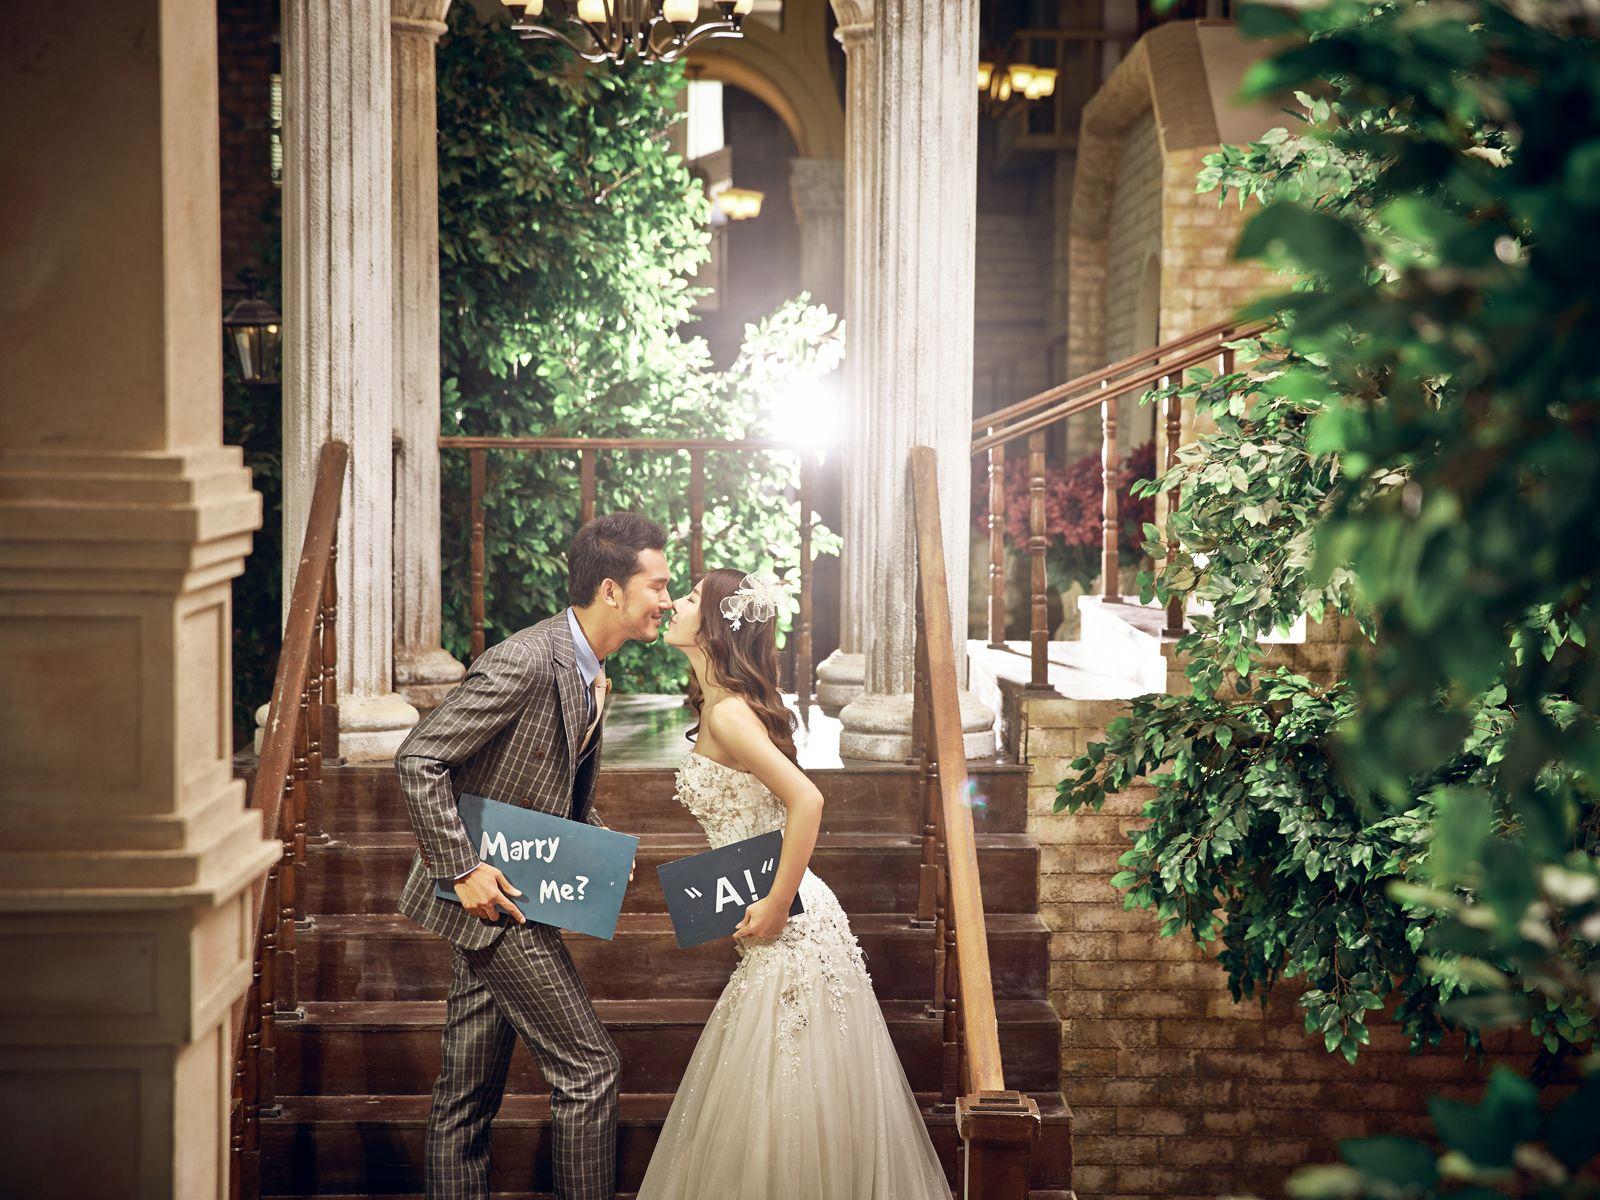 雅典新娘婚纱摄影馆